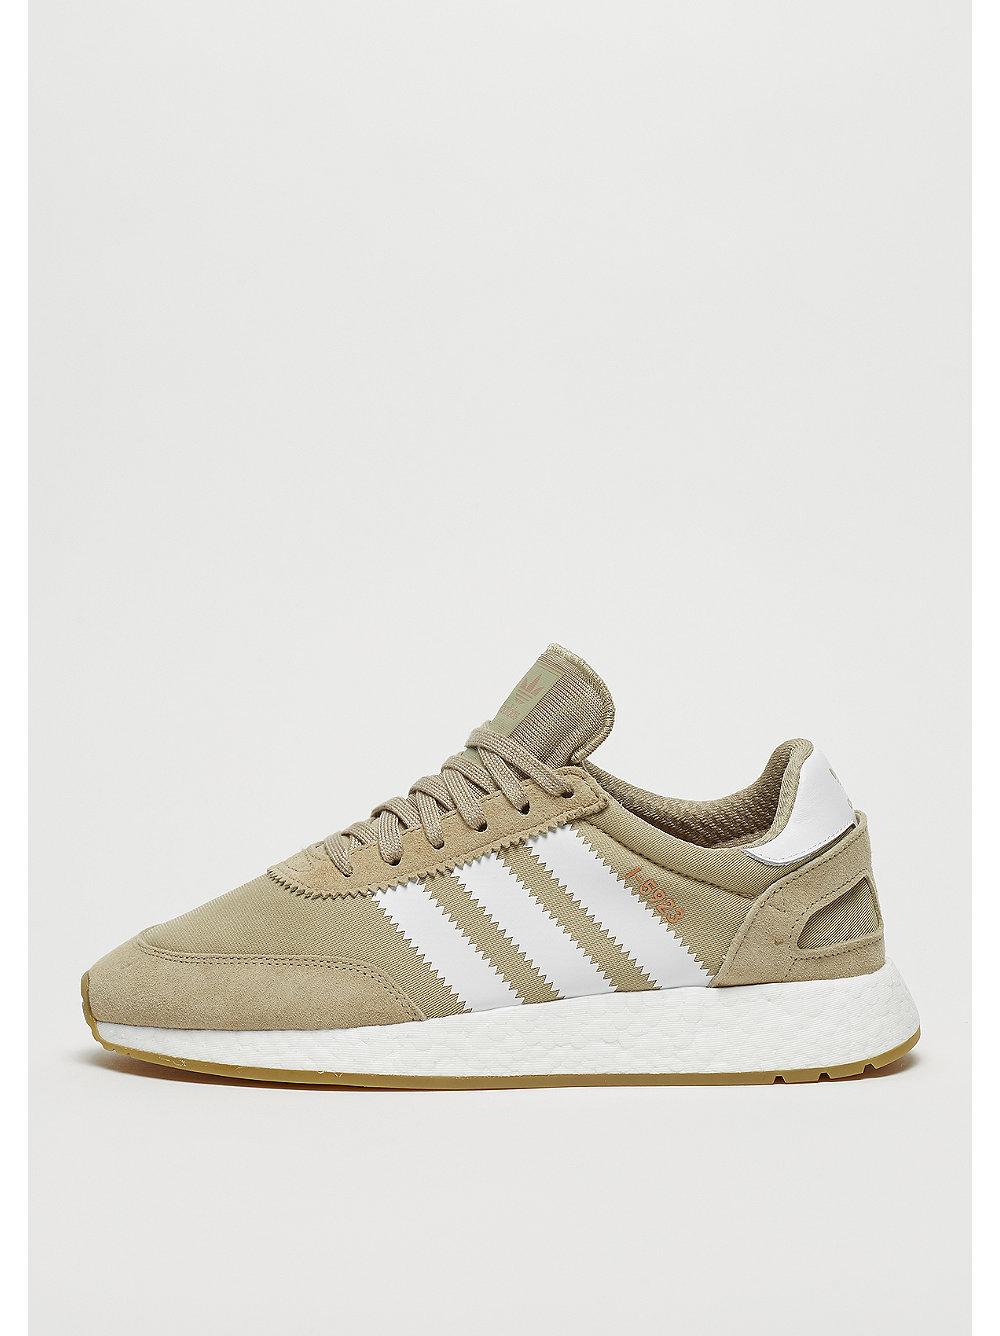 adidas Herren Iniki Runner Sneaker  40 2/3 EURot (Red/Footwear White/Gum)